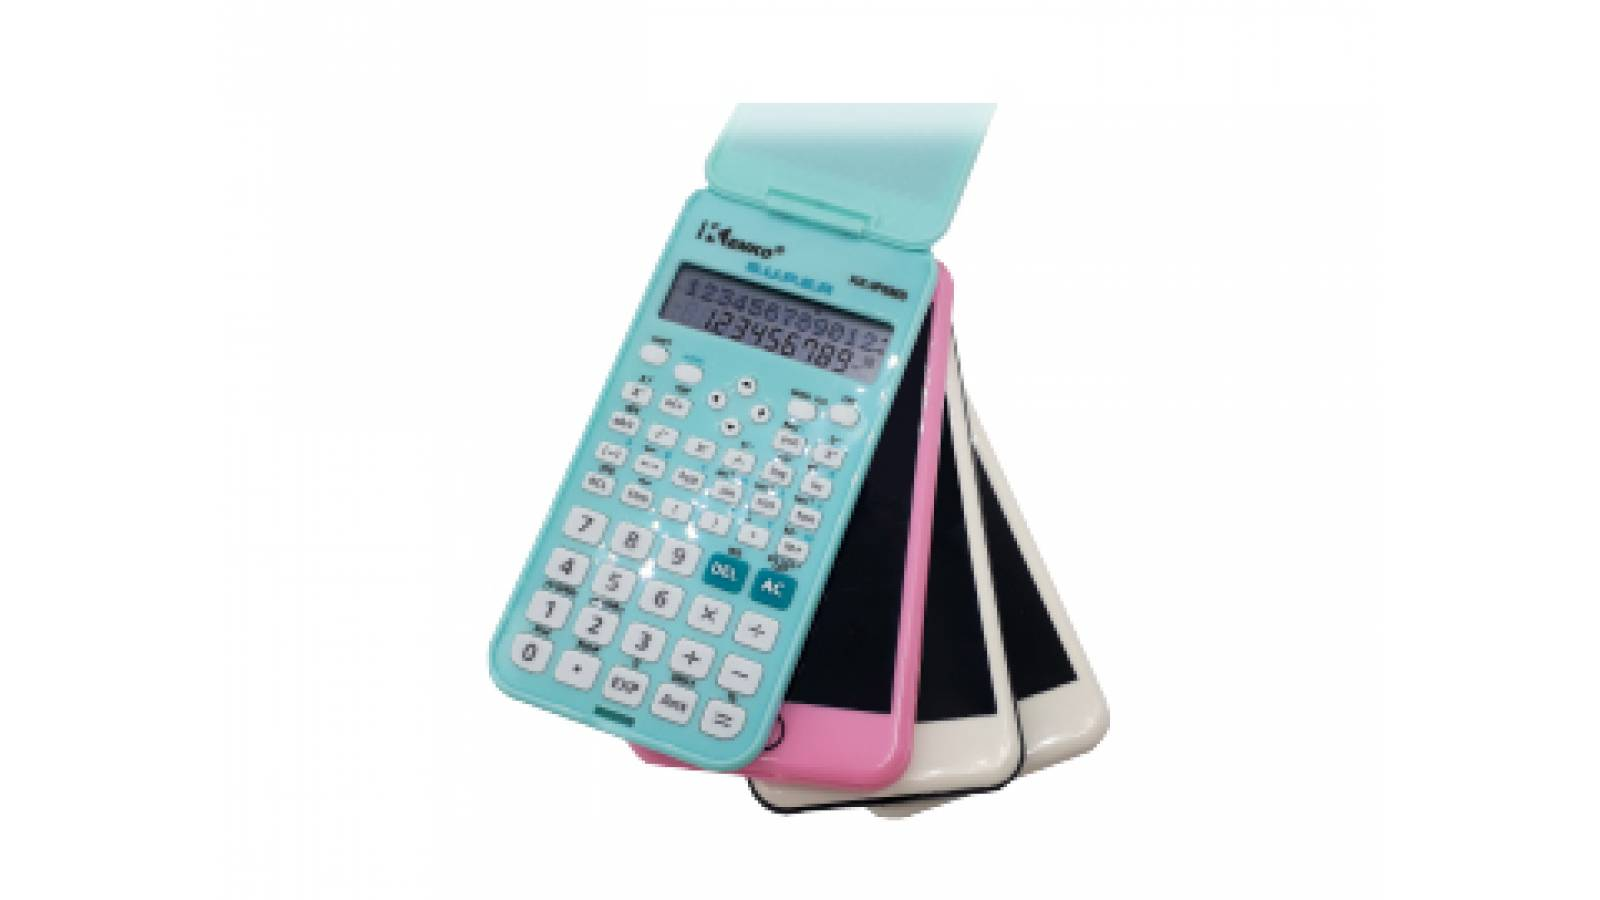 CALCULADORA BASICA SOLAR ESTILO IPHONE